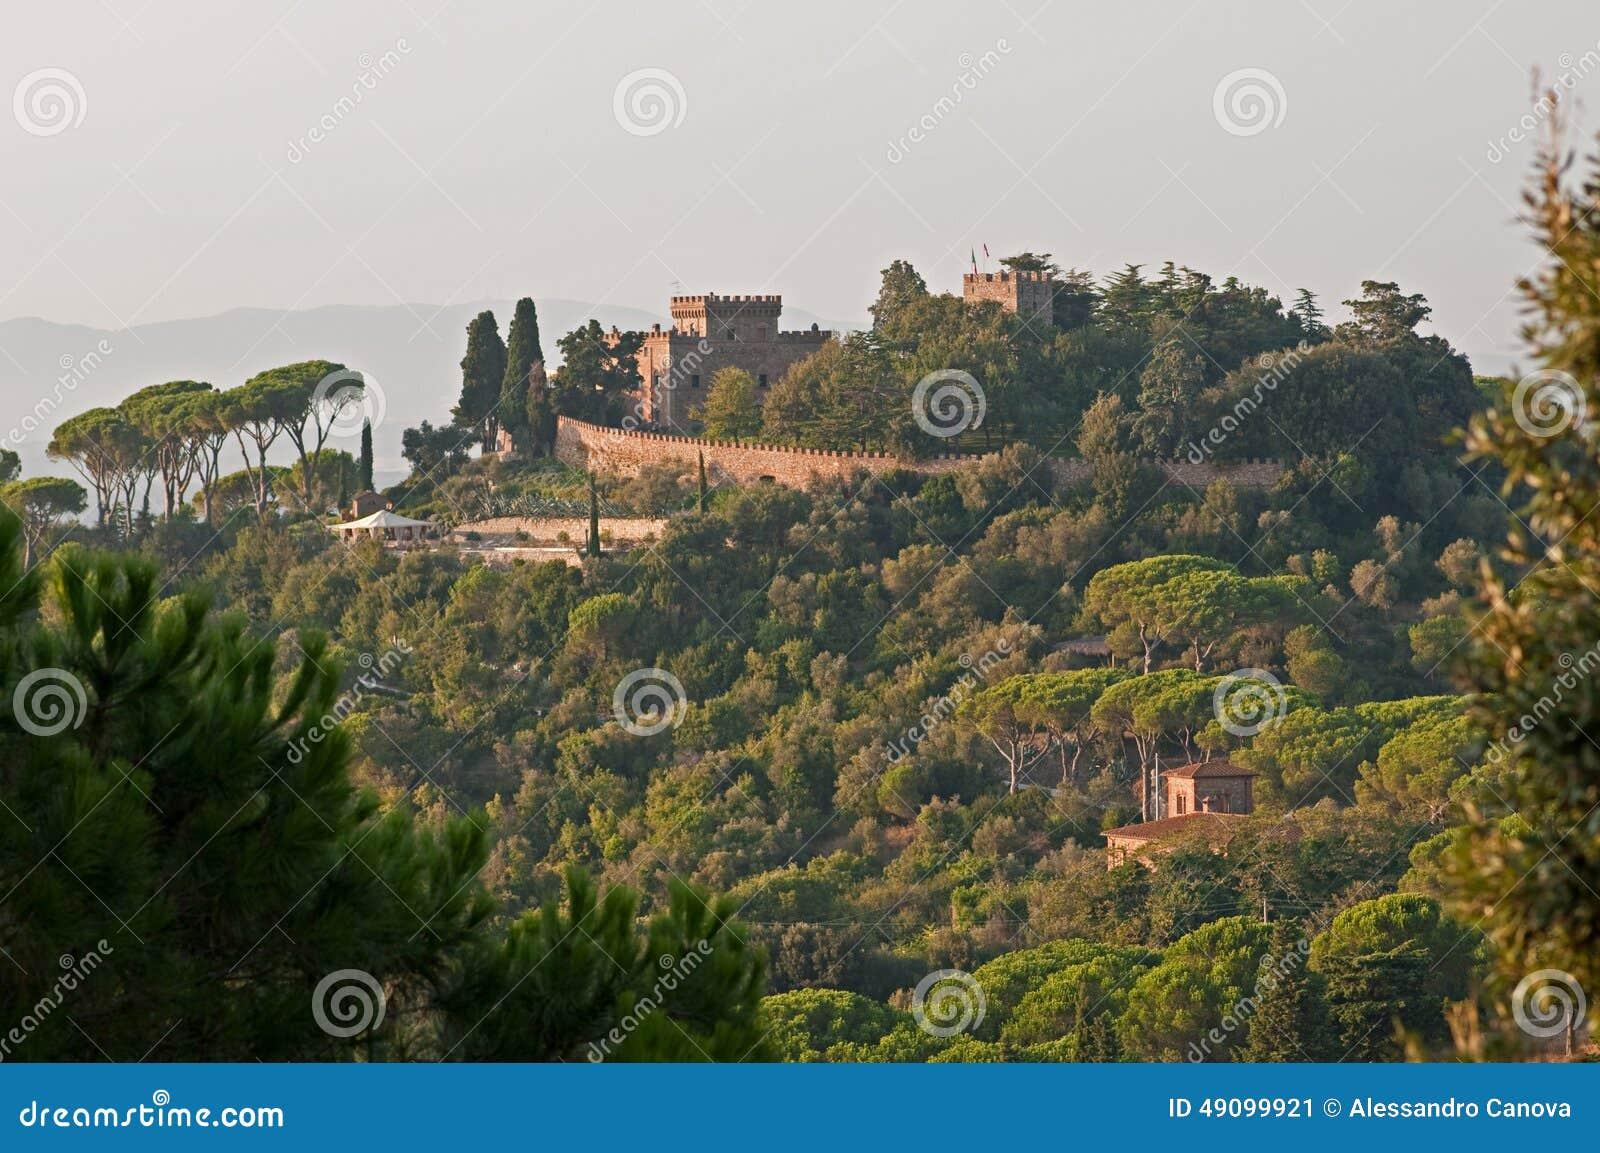 Тосканская резиденция Сарра ferguson